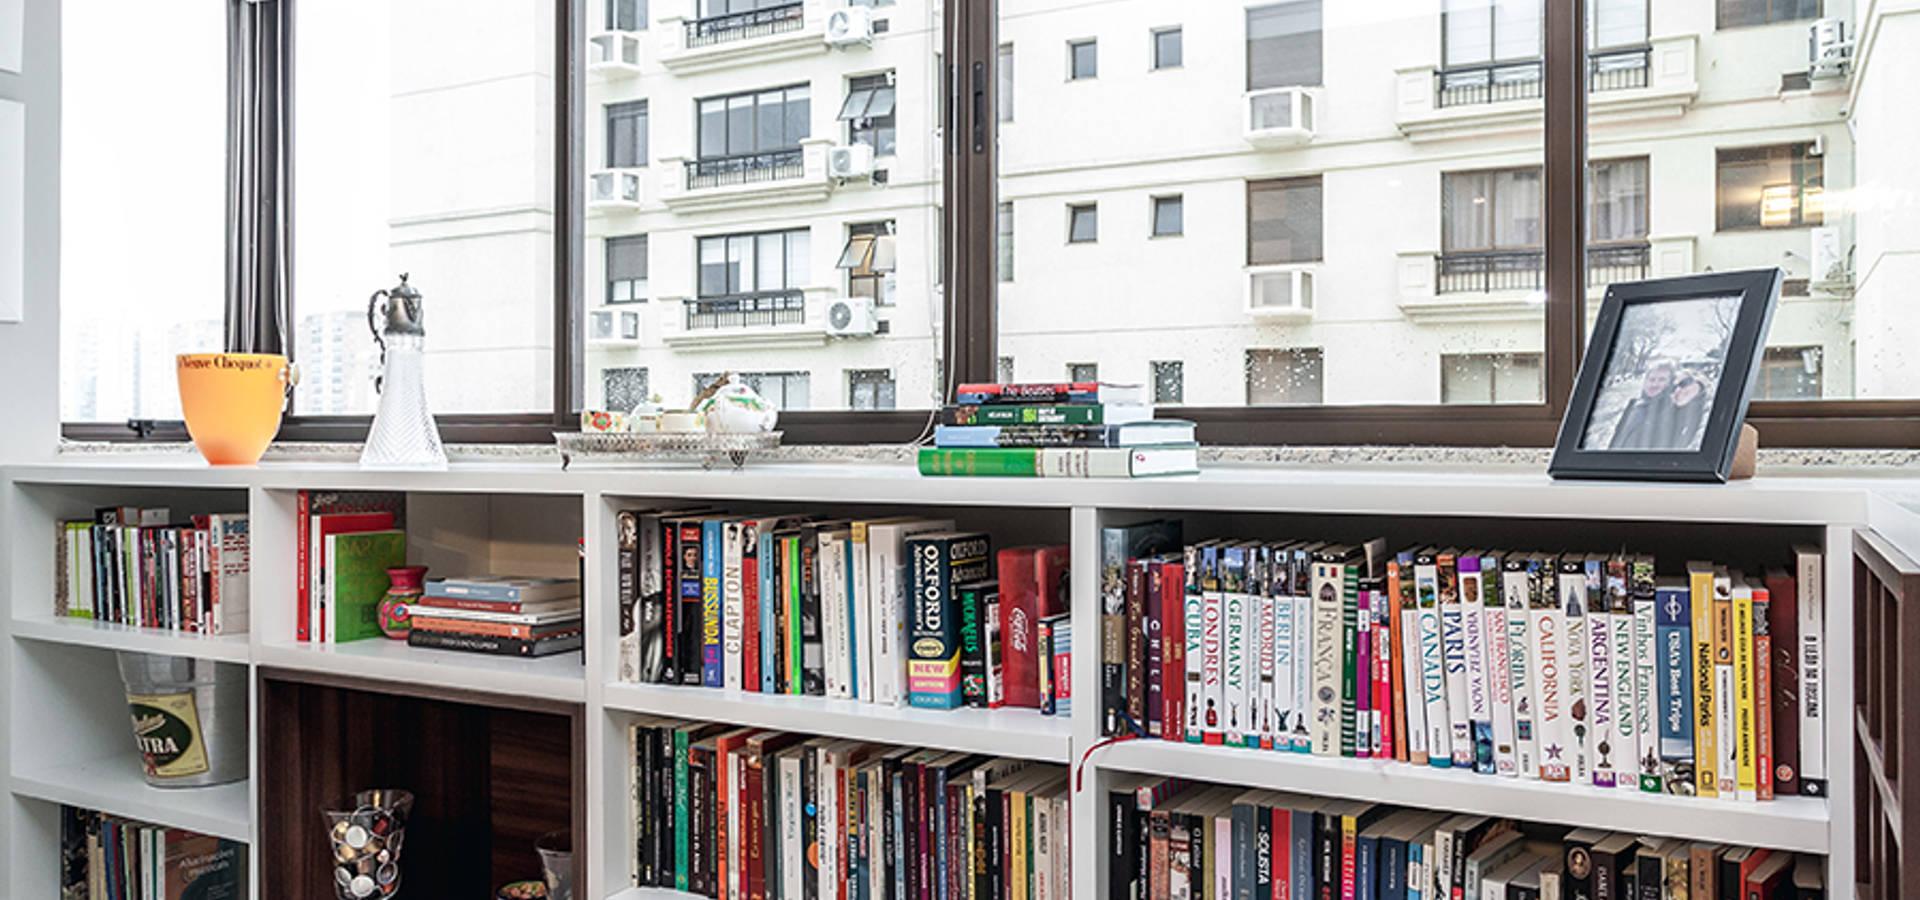 Arquiteto Gustavo Redlich & Associados